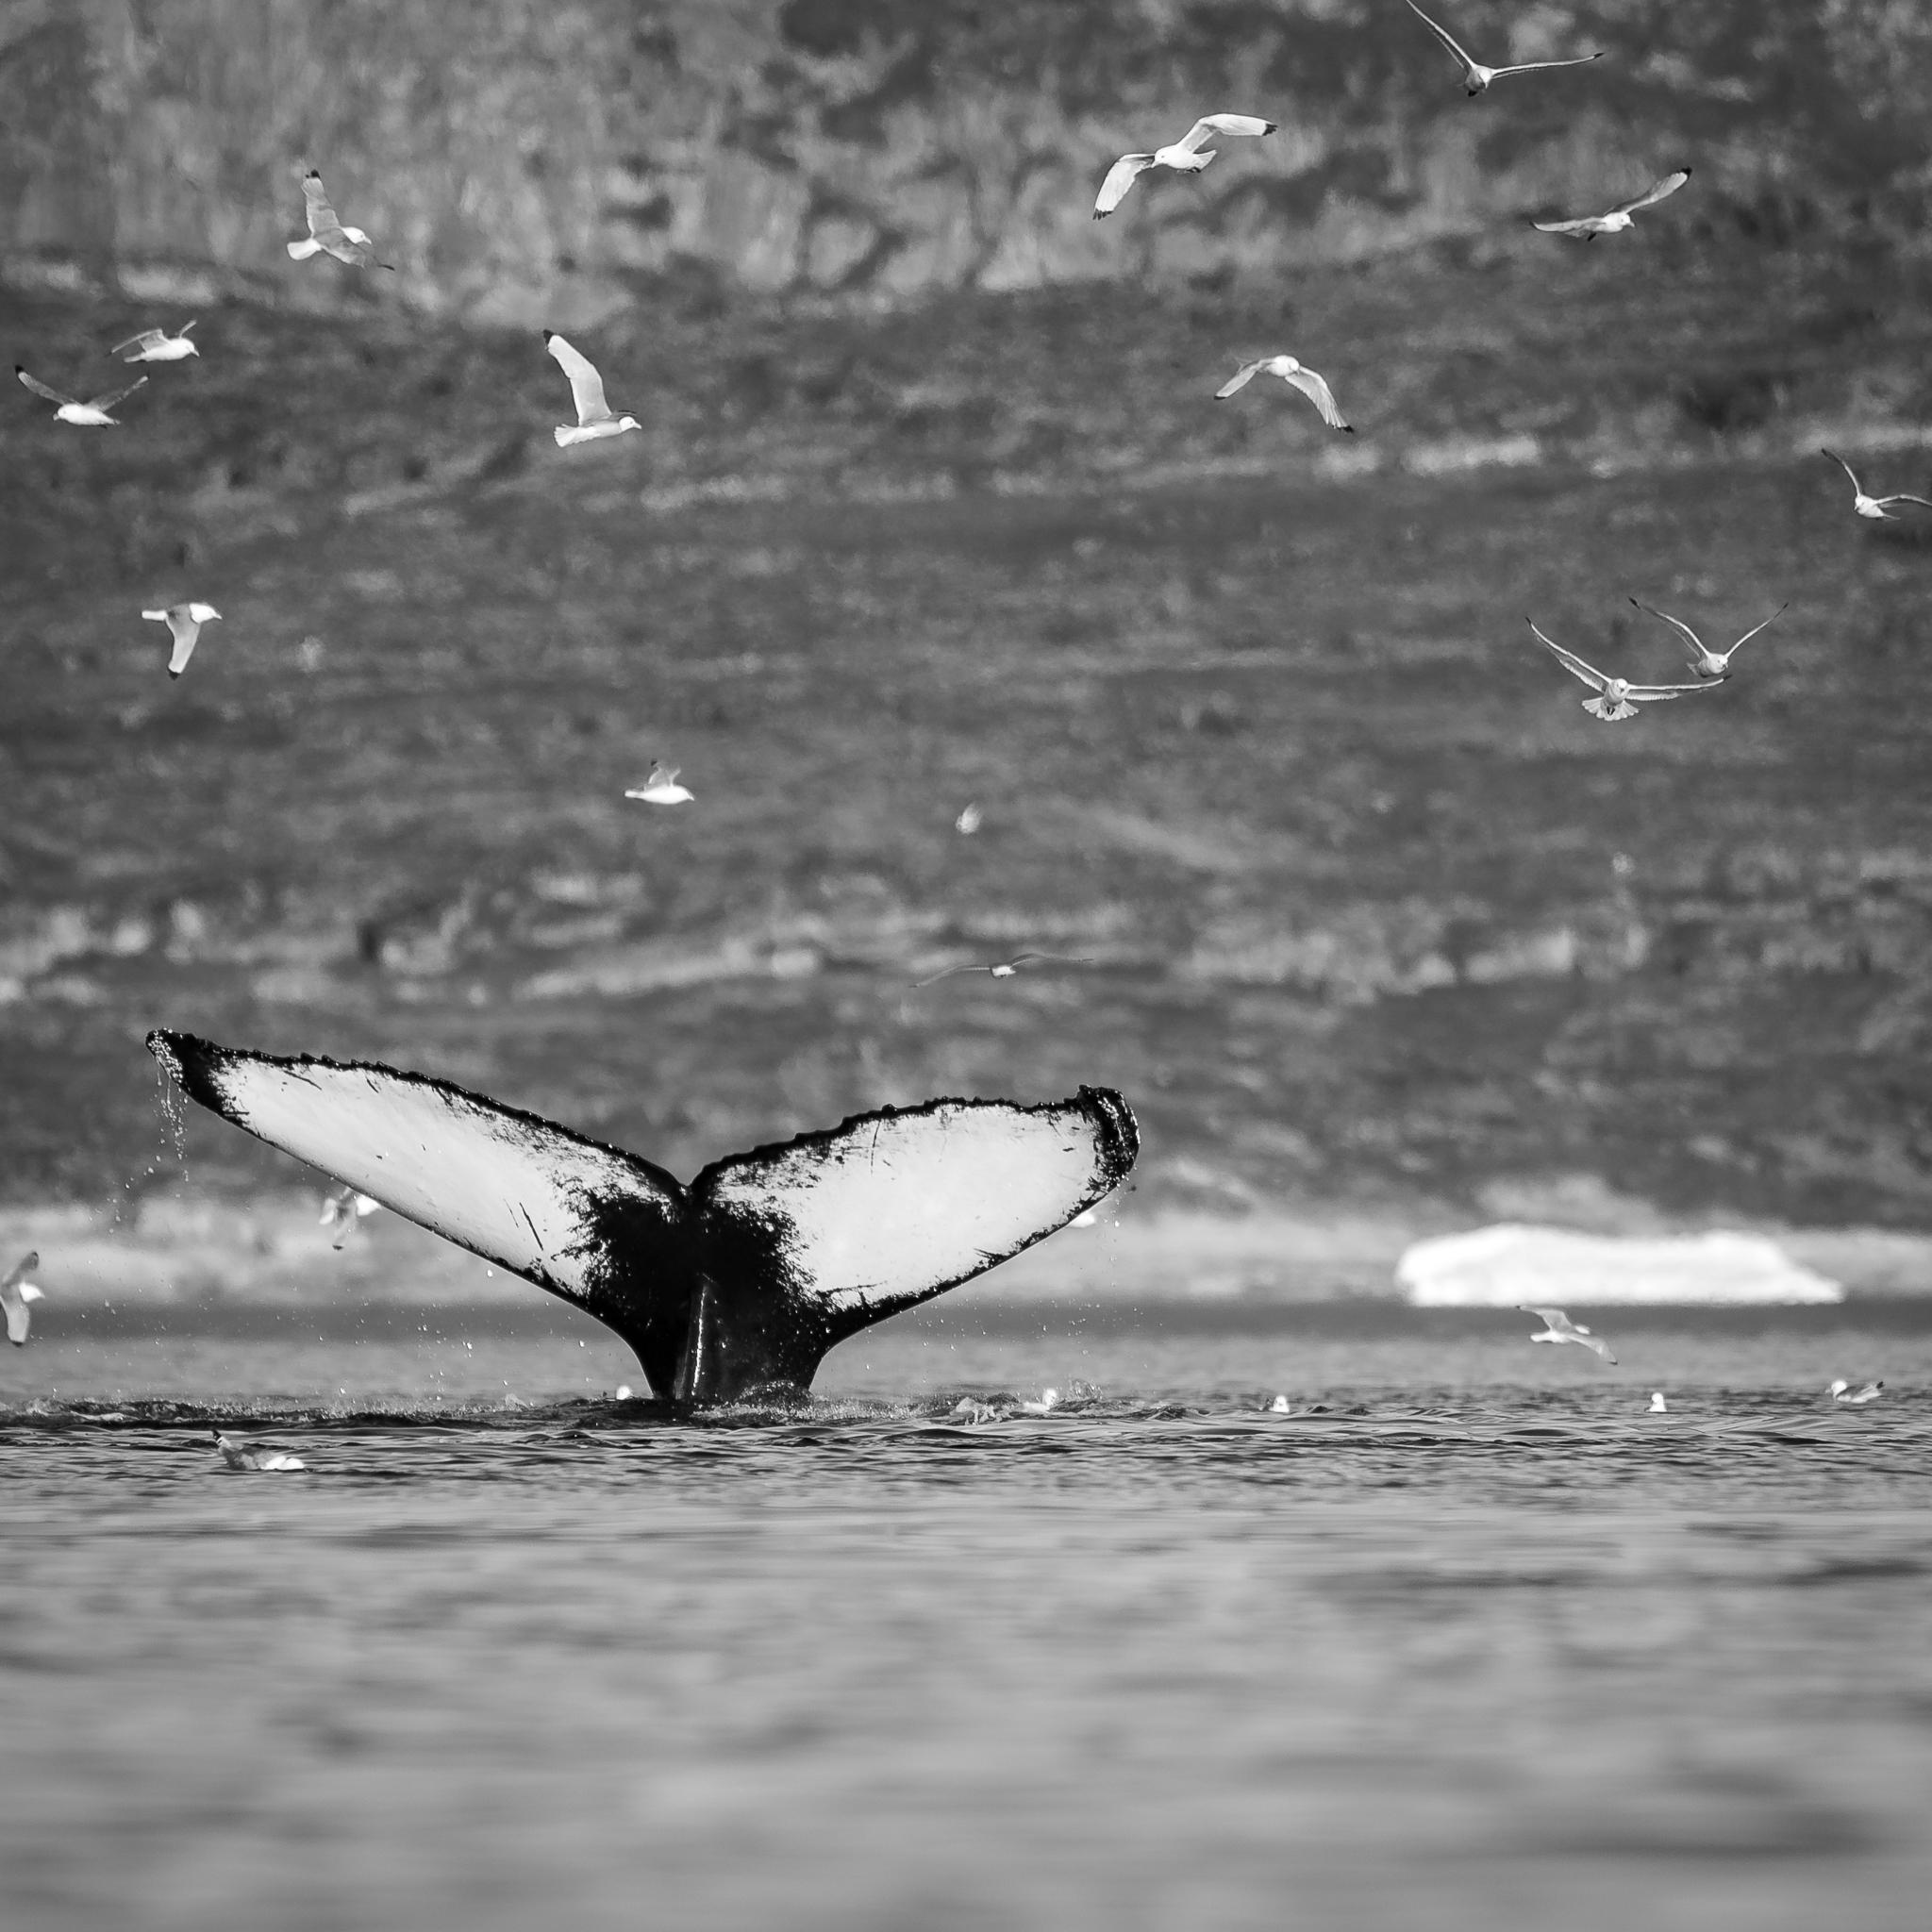 Queue de baleinelors d'une croisière en Norvège